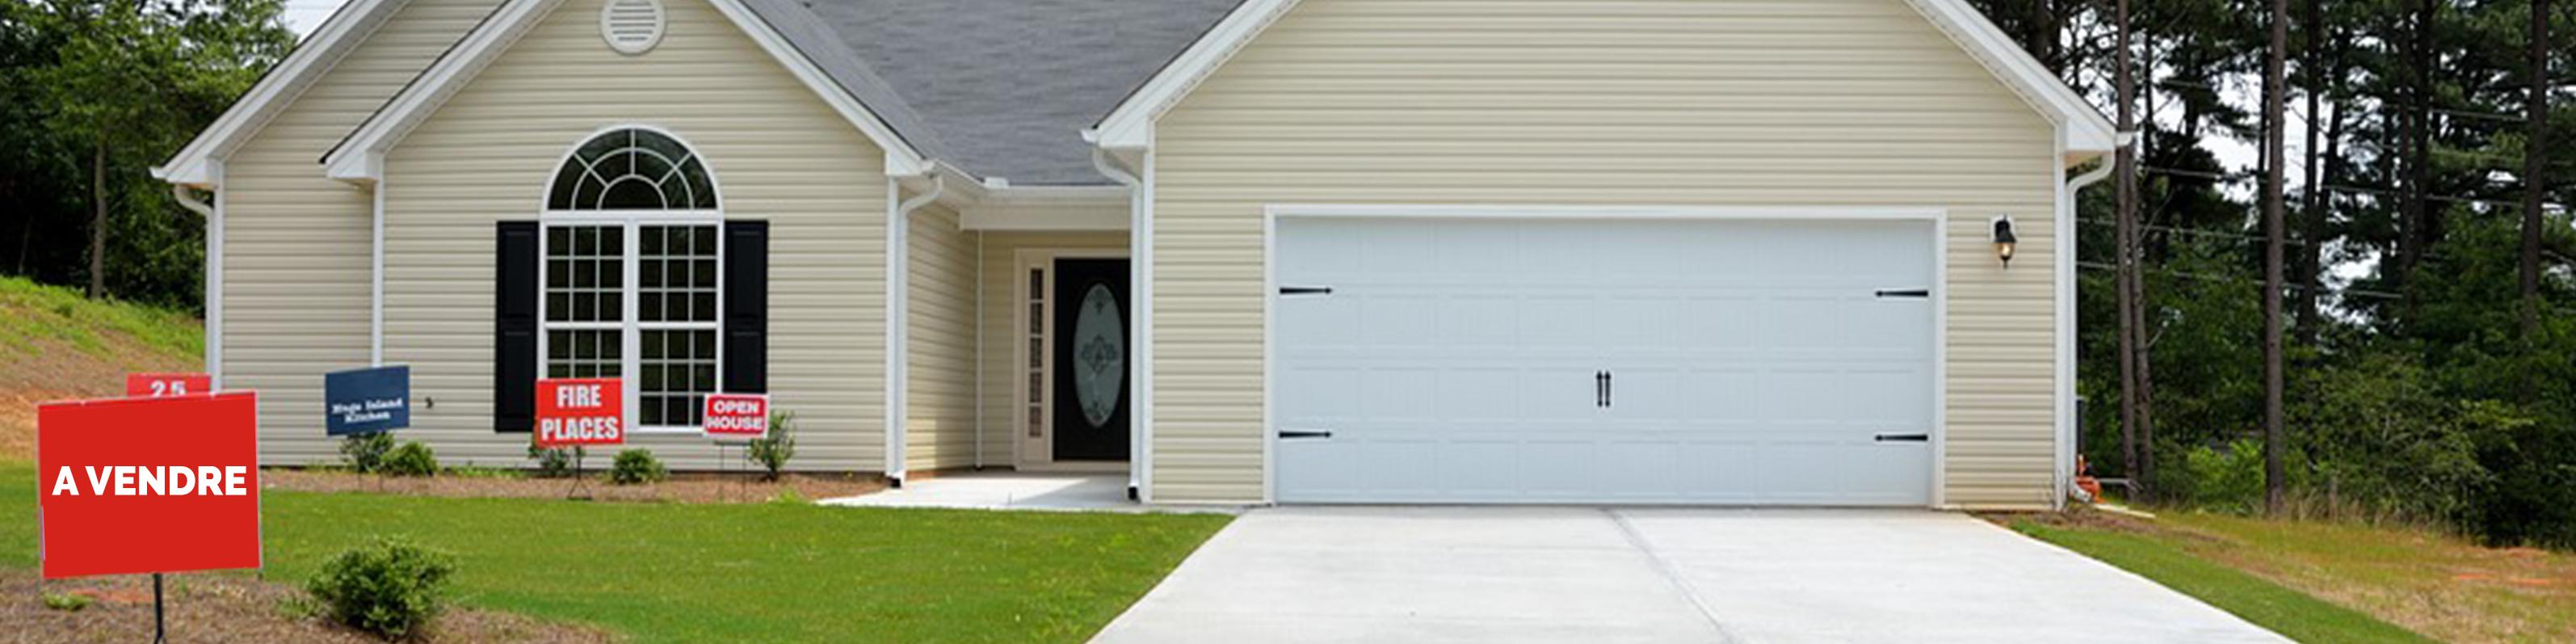 domotique-maison-vendre-argument